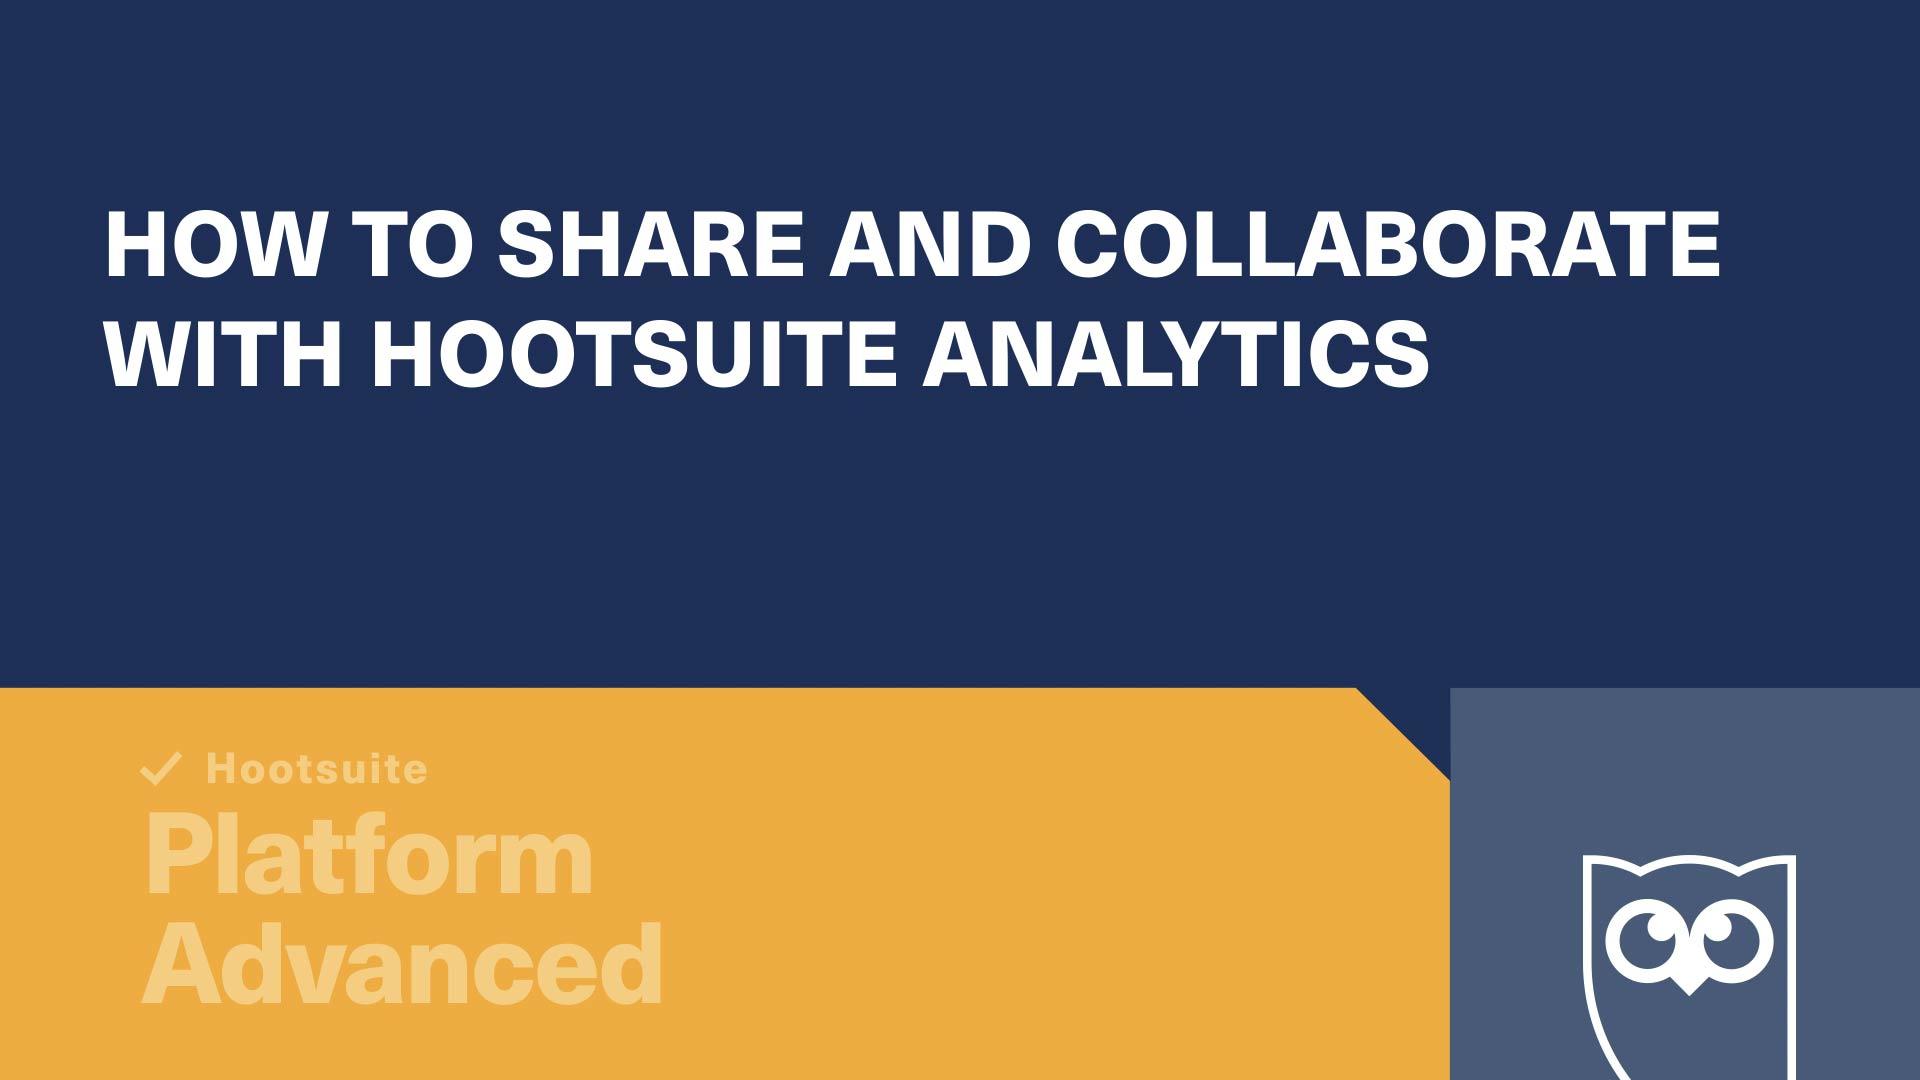 vídeo como compartilhar e colaborar com o hootsuite analytics